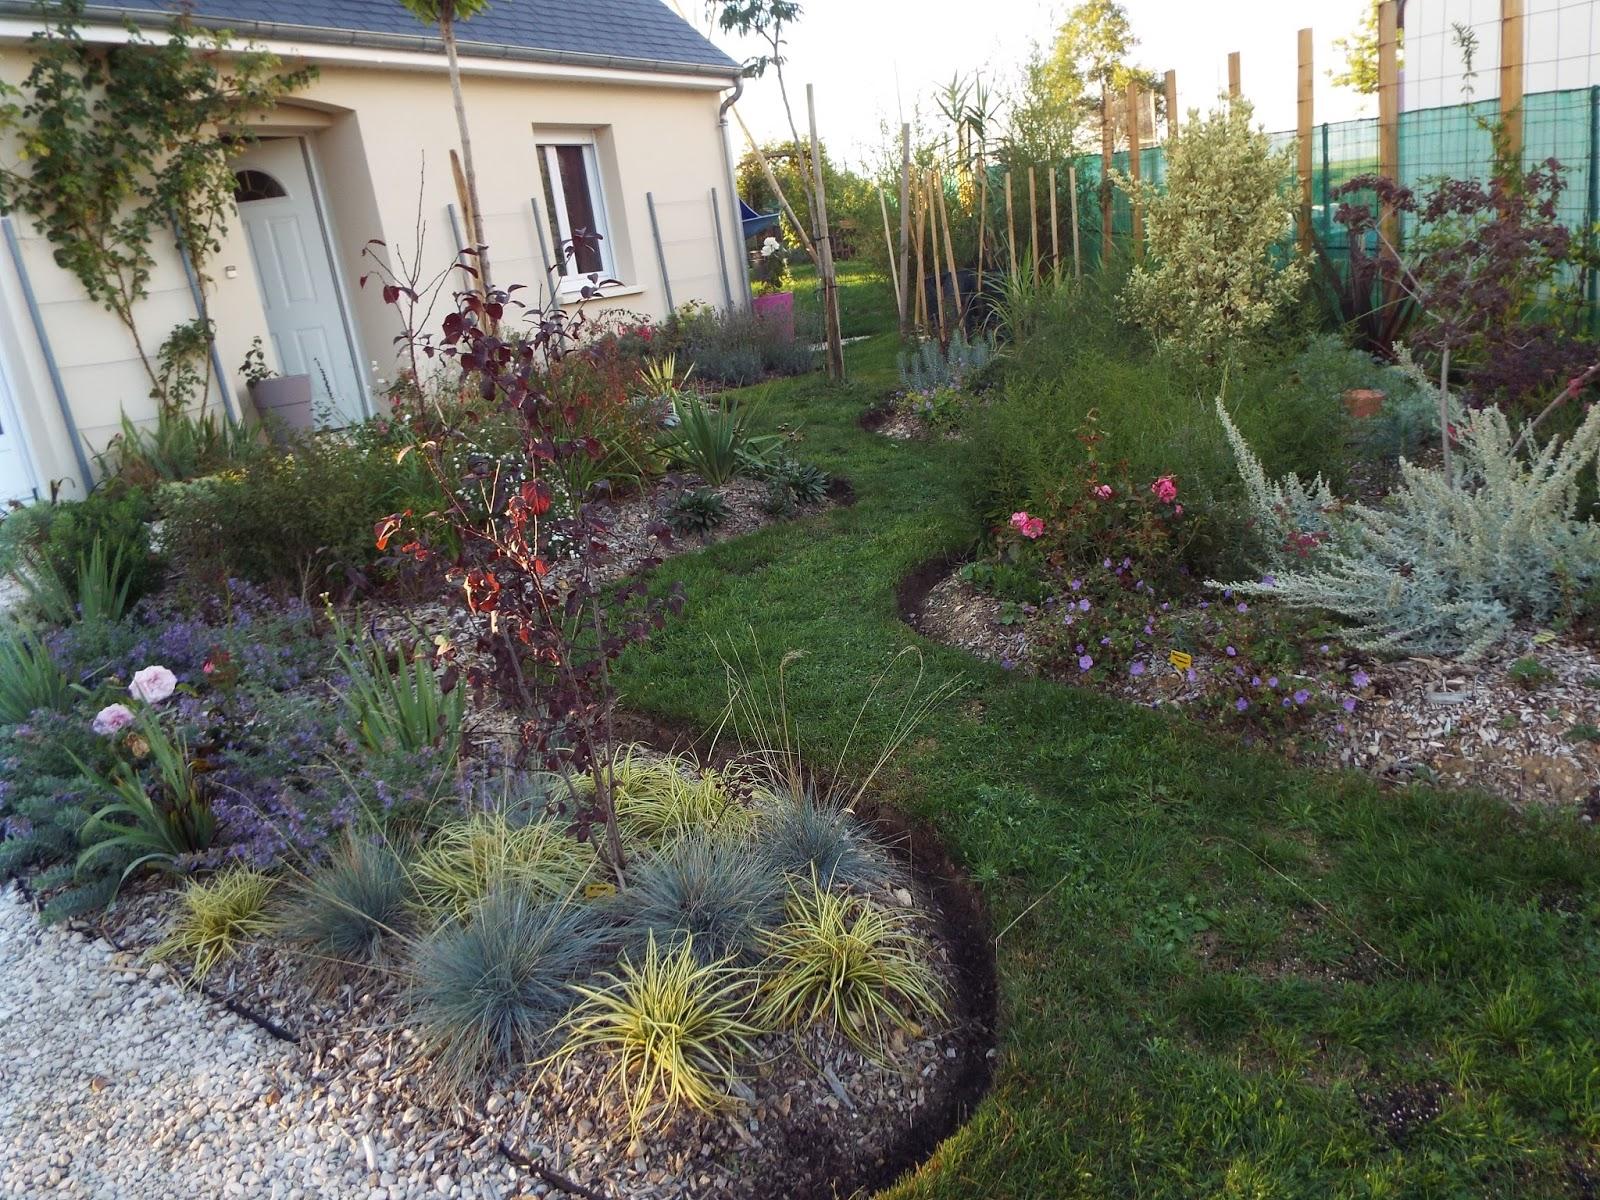 jardin devant maison best amenager jardin devant maison clanizm appartenant amenagement devant. Black Bedroom Furniture Sets. Home Design Ideas